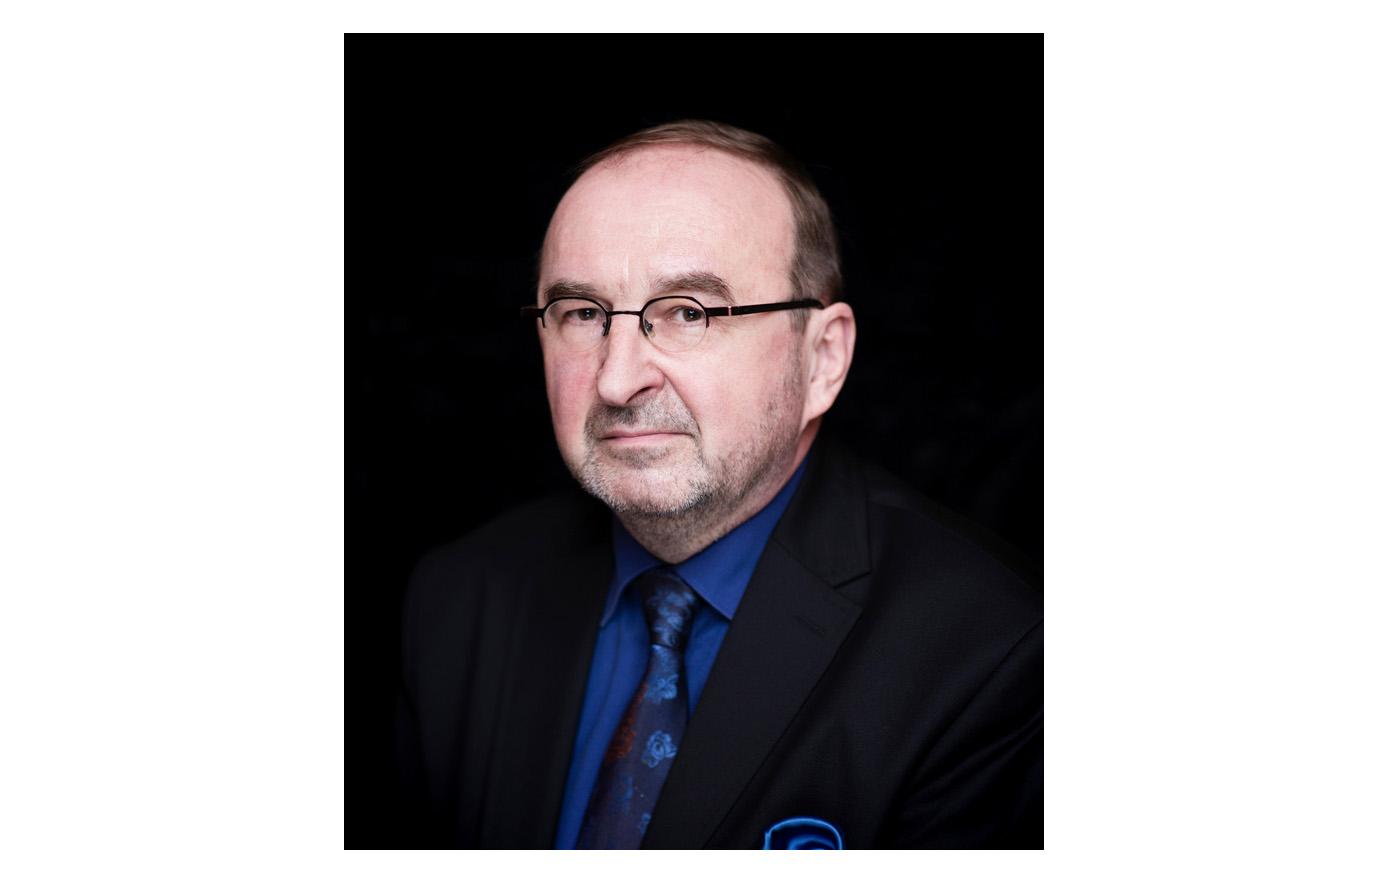 Krzysztof Mrowcewicz laureatem Nagrody Literackiej GDYNIA